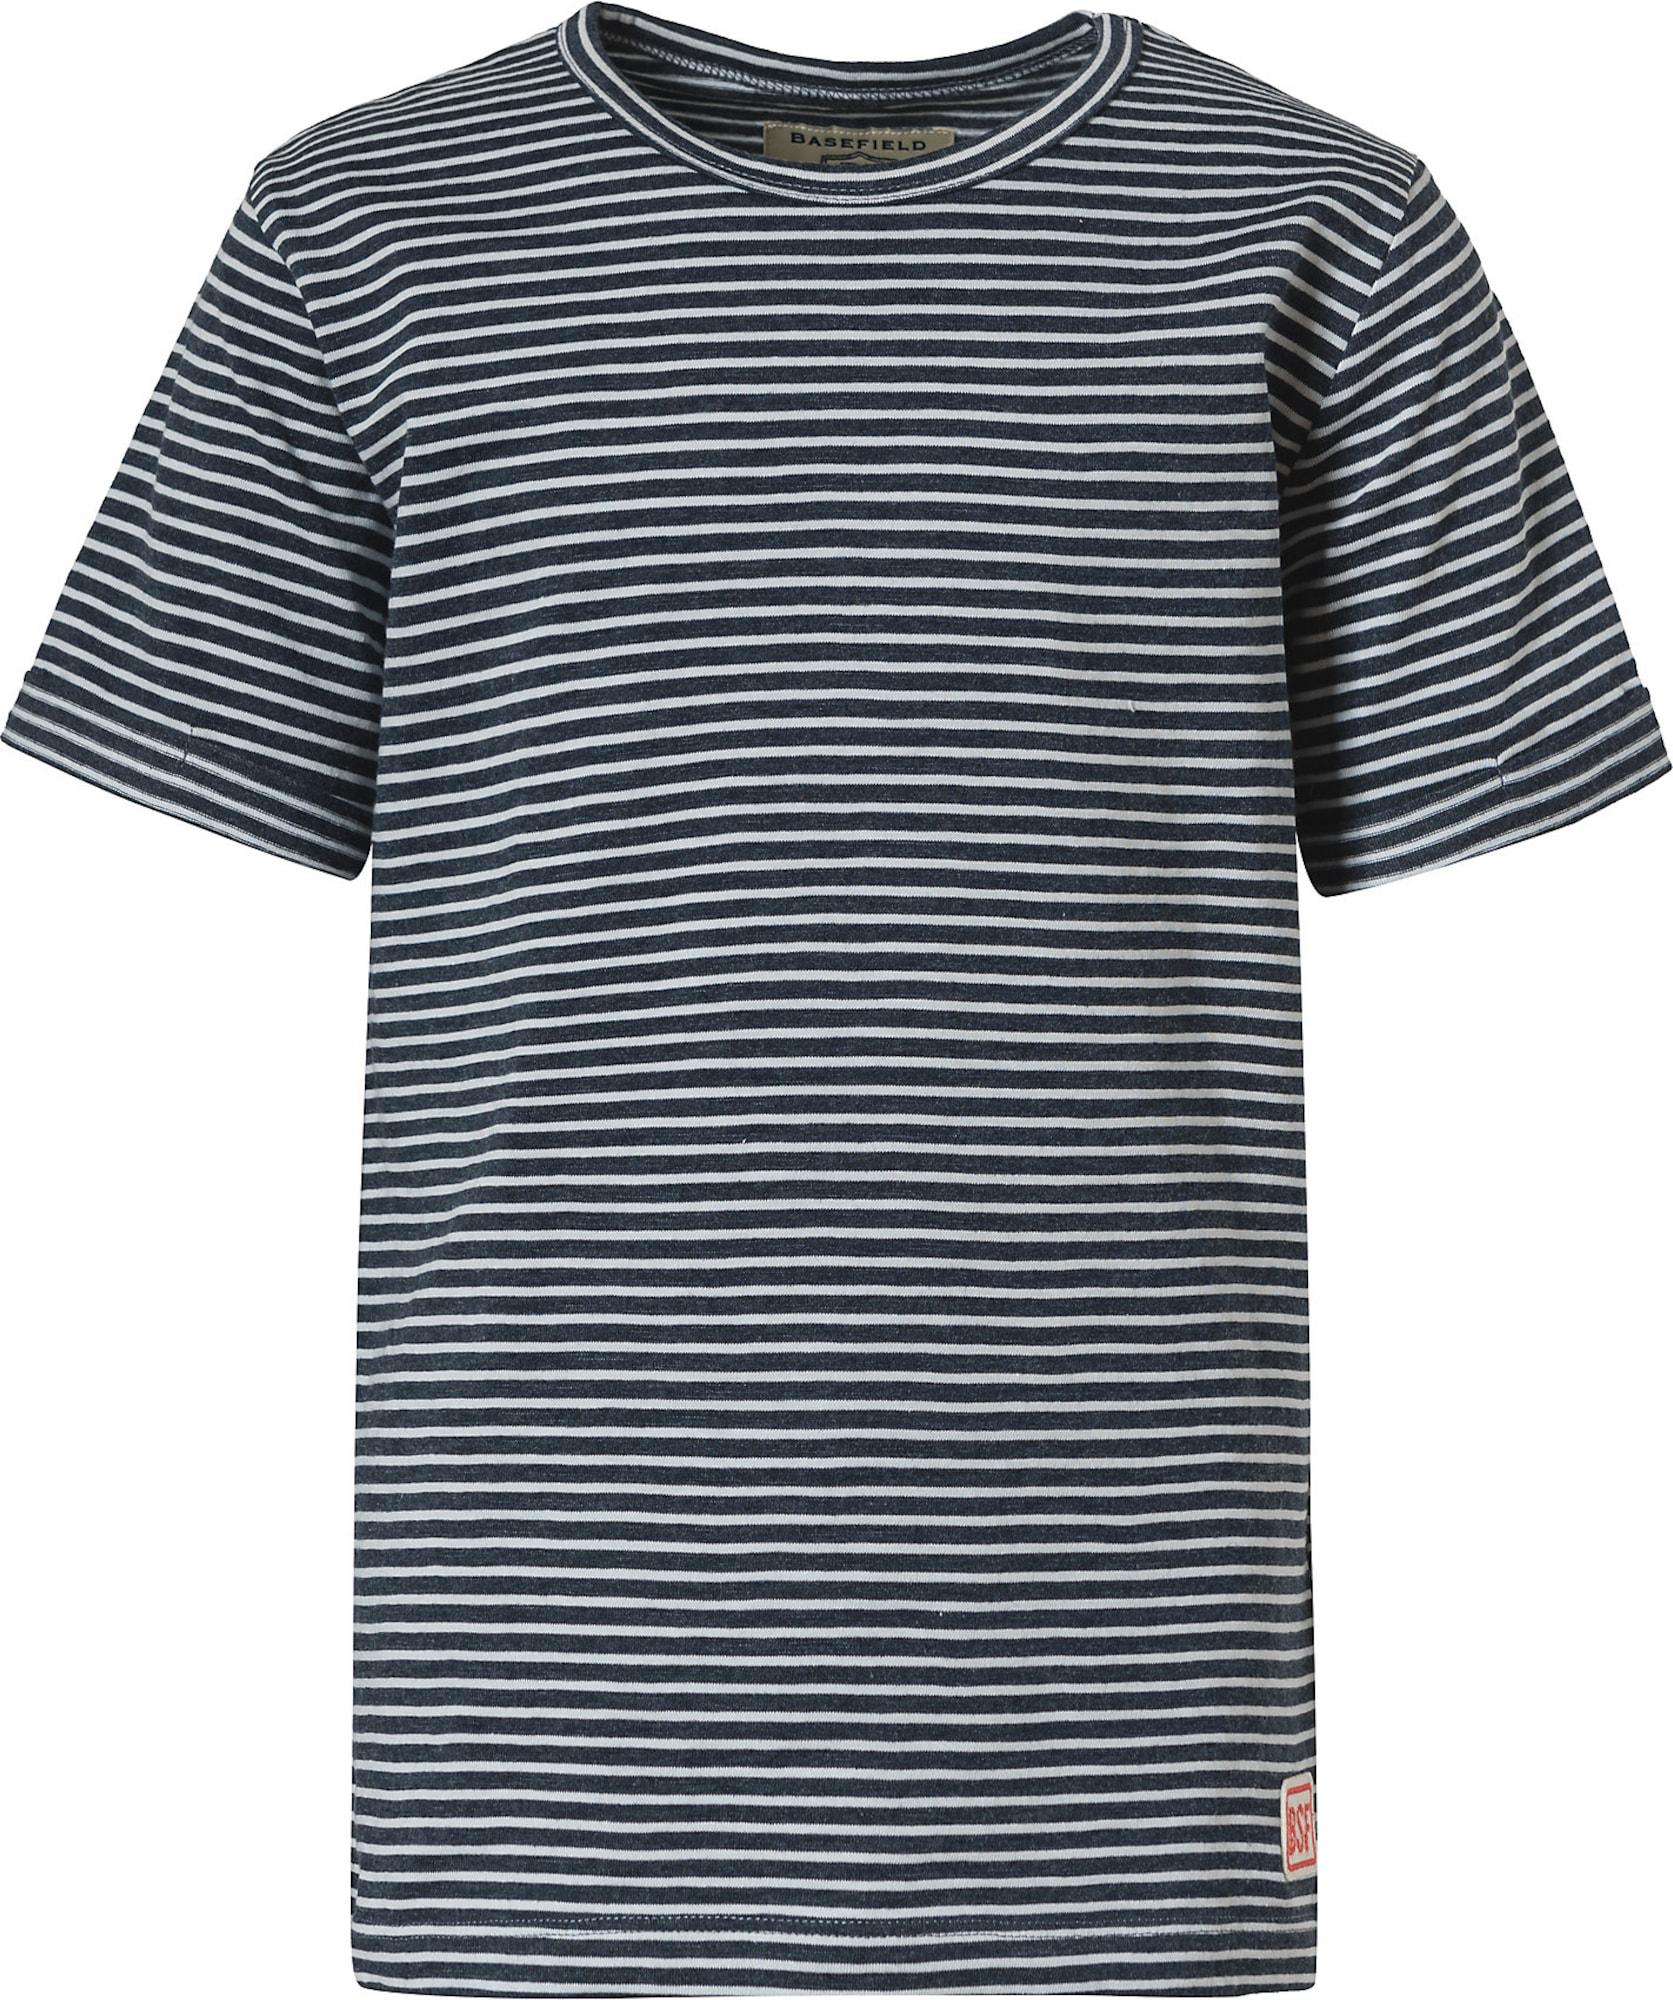 BASEFIELD Marškinėliai tamsiai mėlyna jūros spalva / balta